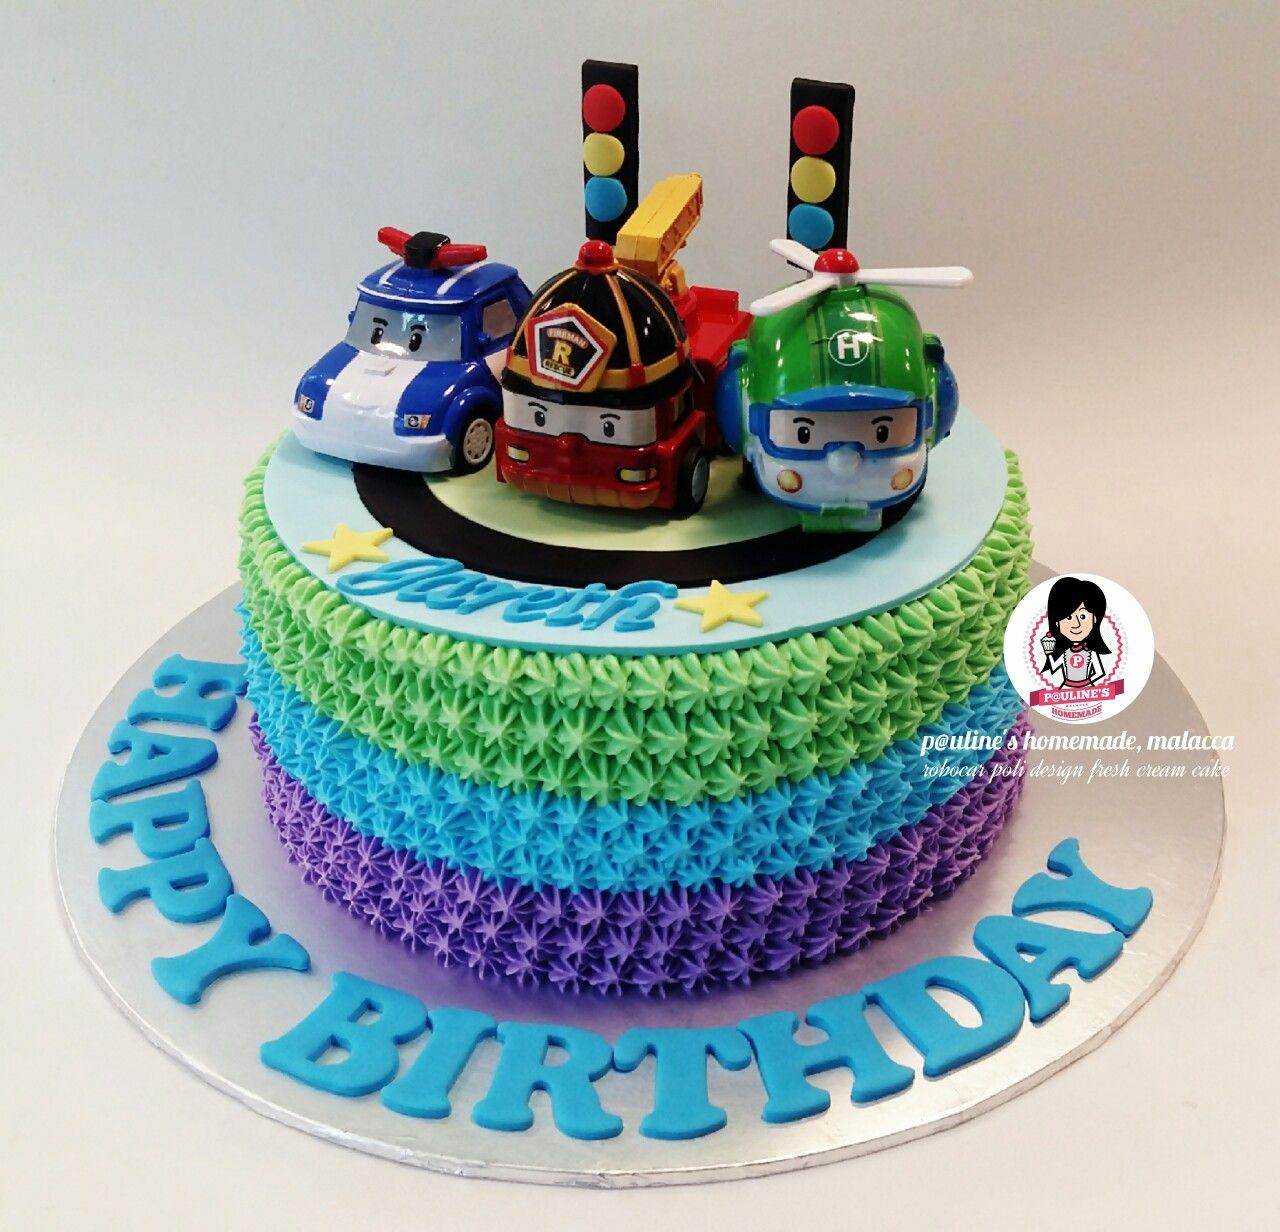 Robocar Poli Design Fresh Cream Cake | Gâteaux 3D, Gateau encequiconcerne Chanson Robocar Poli